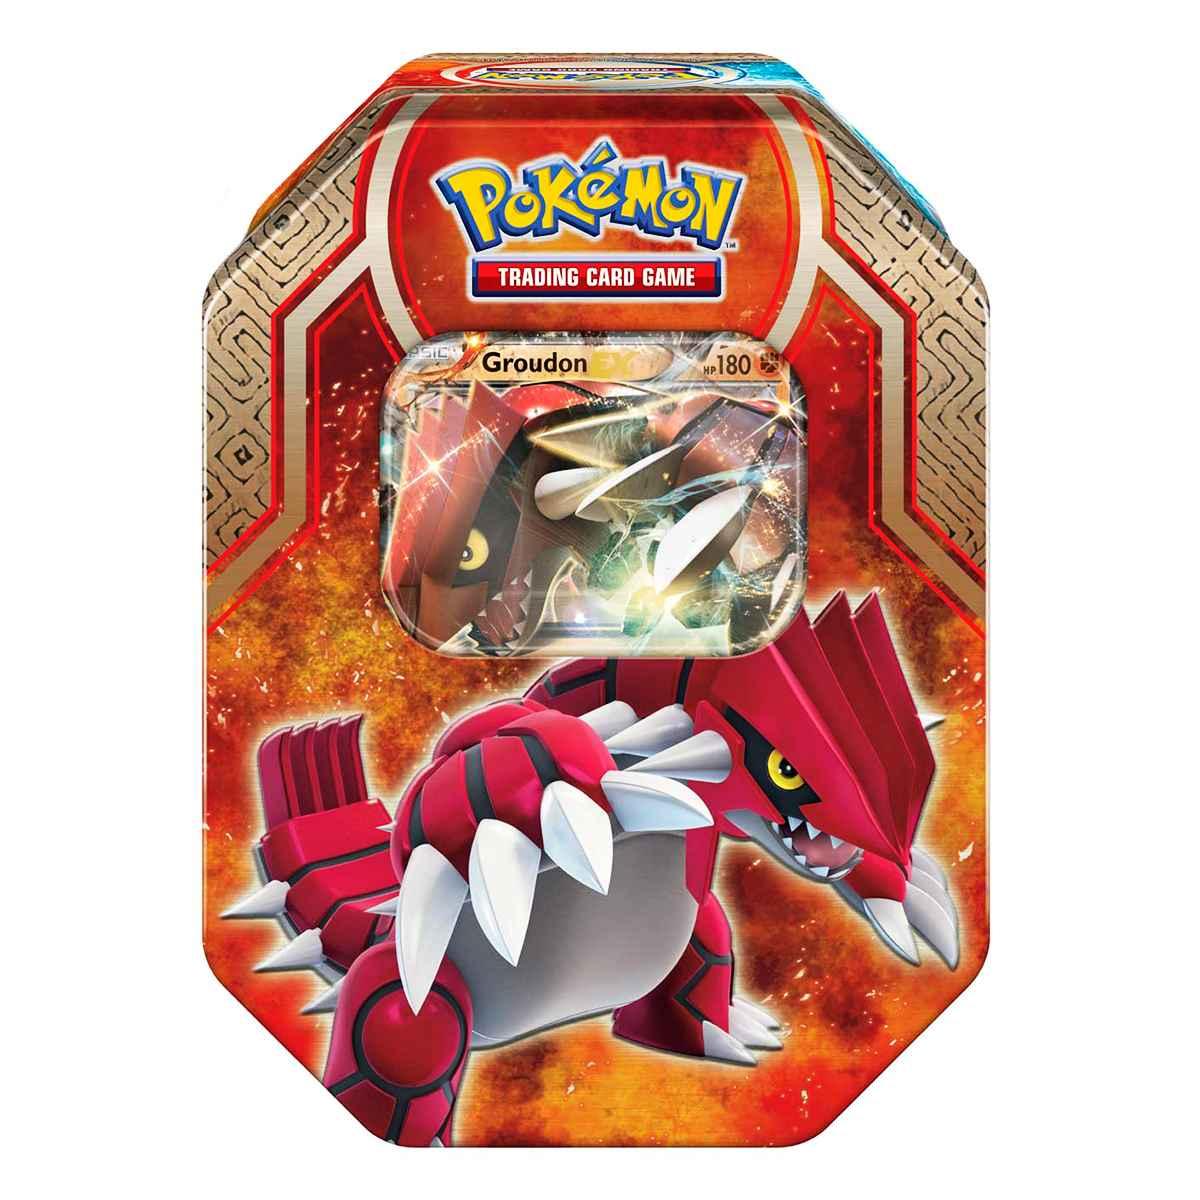 Pokemon Lata XY 5 Conflito Primitivo Groudon Ex